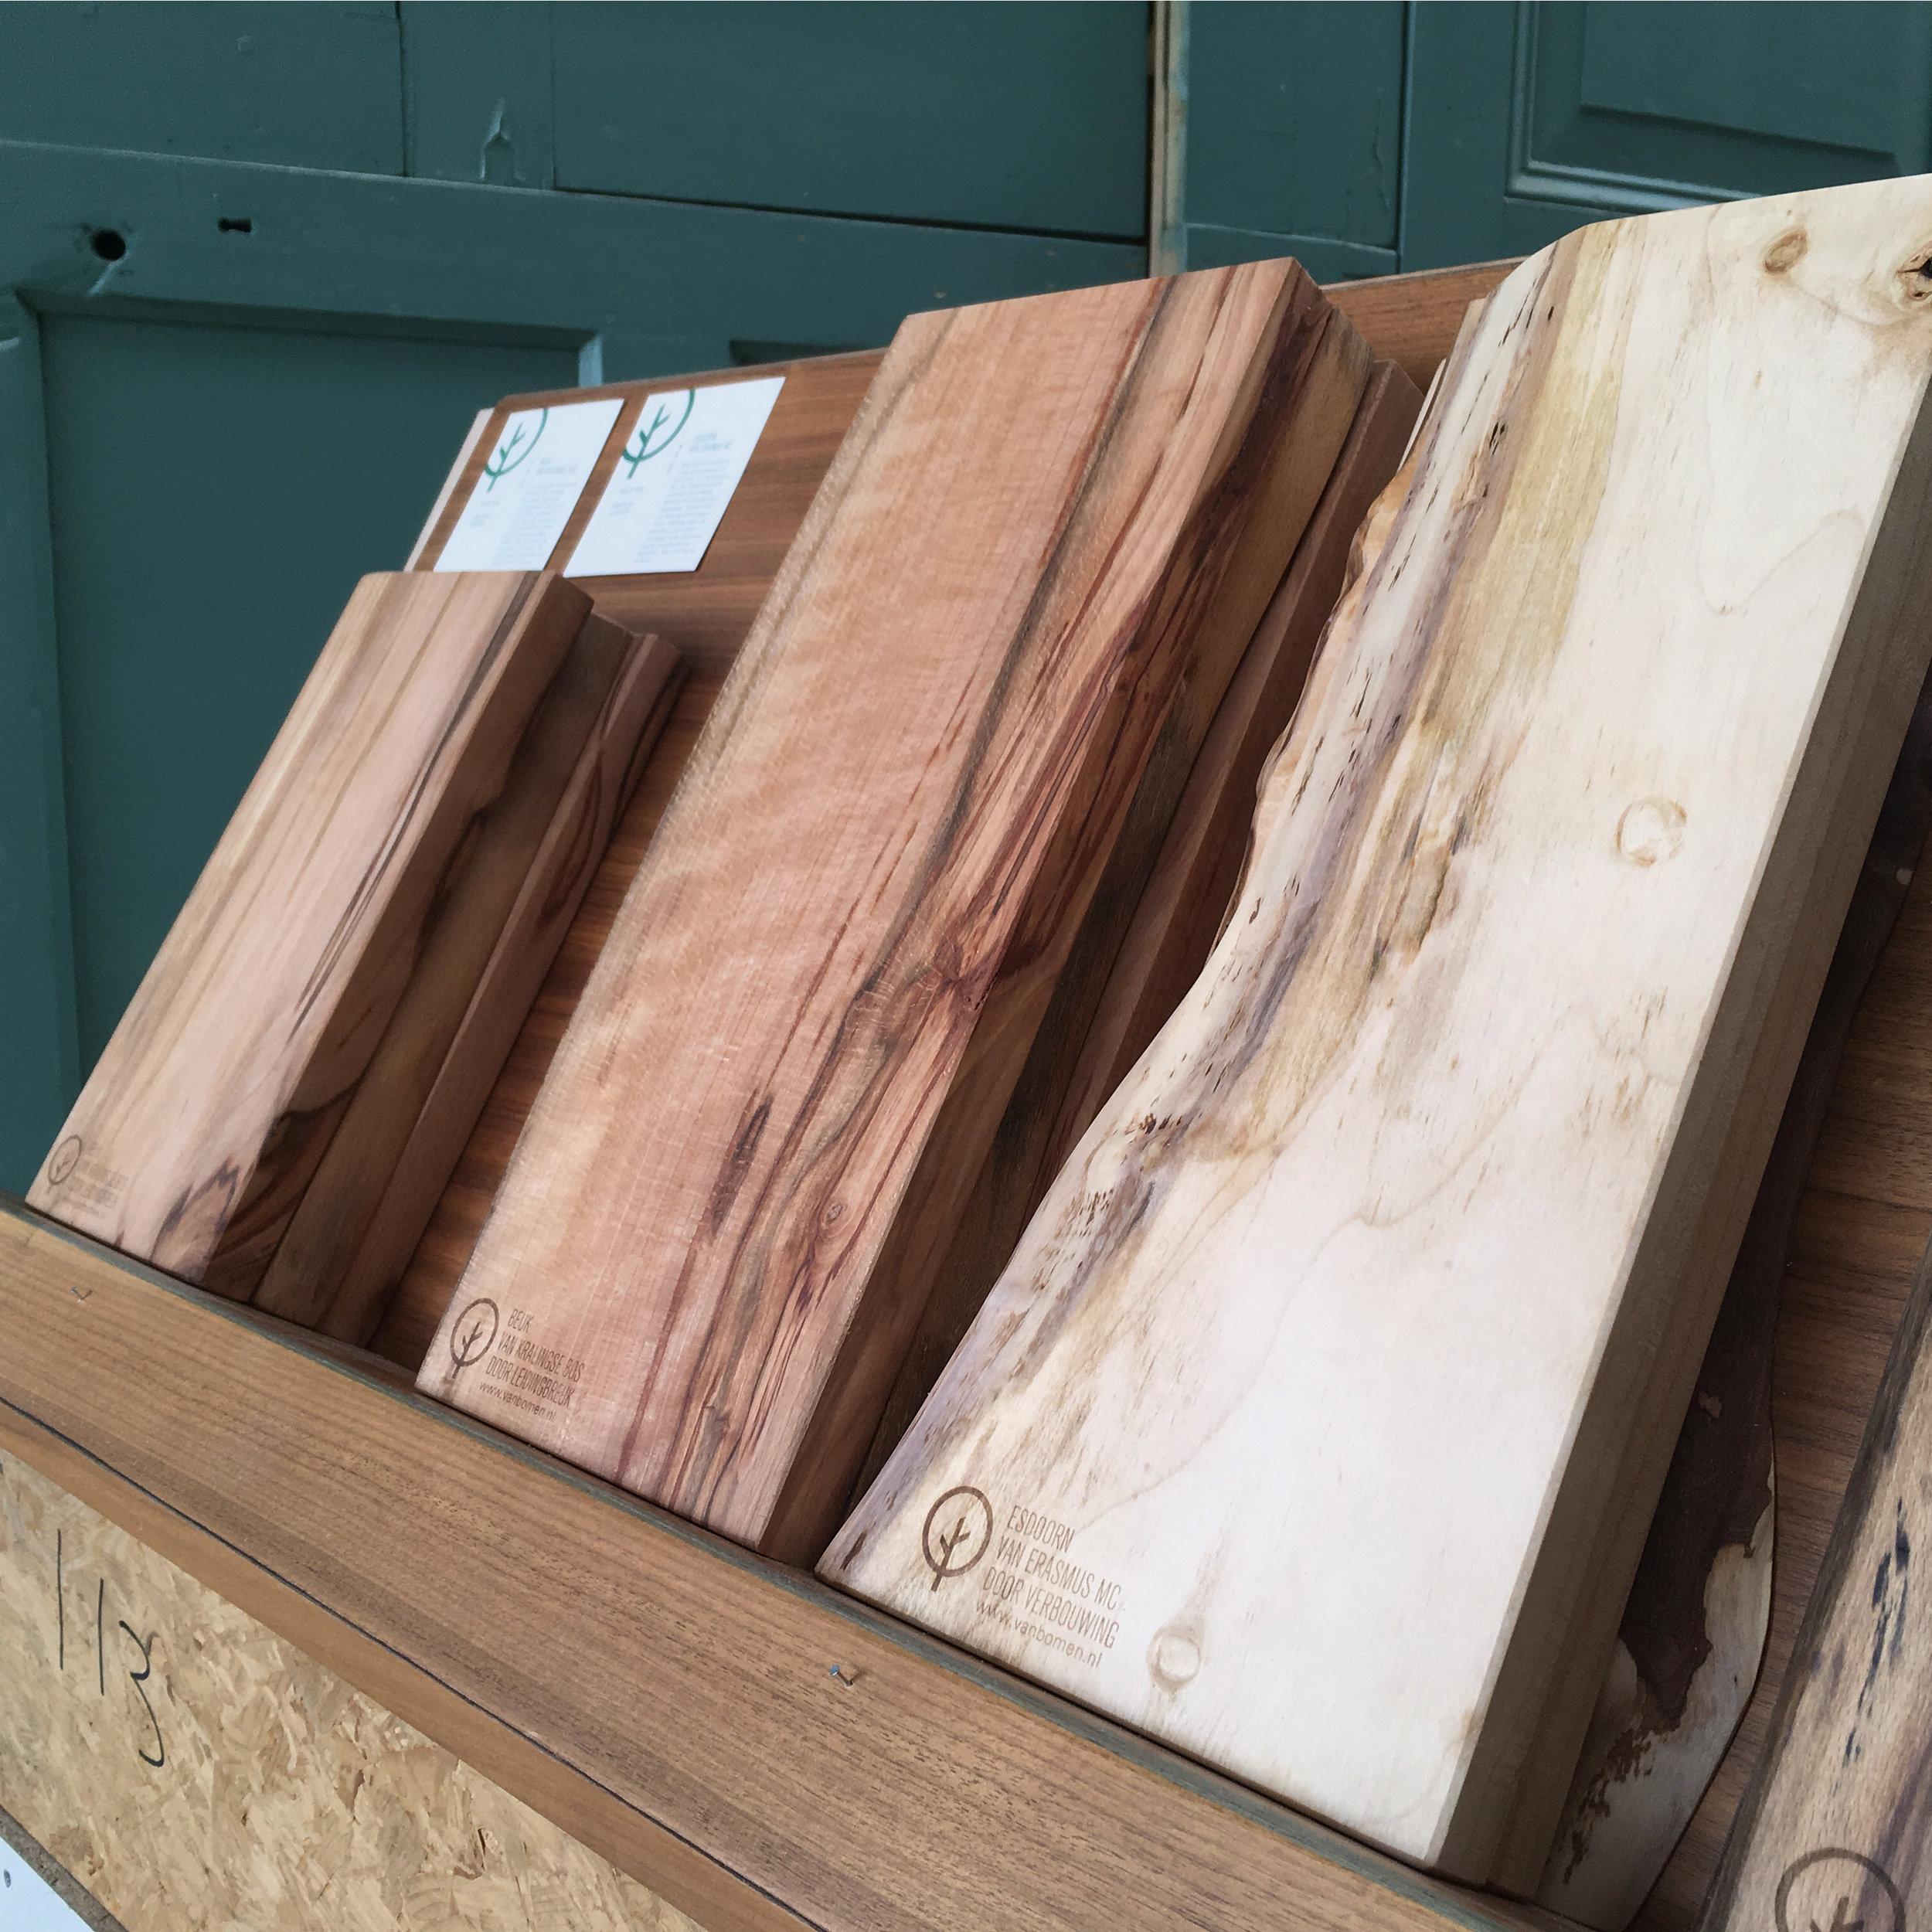 De Van Bomenproducten zijn te koop in onze webshop en liggen o.a. ook in de winkel van Buurman.